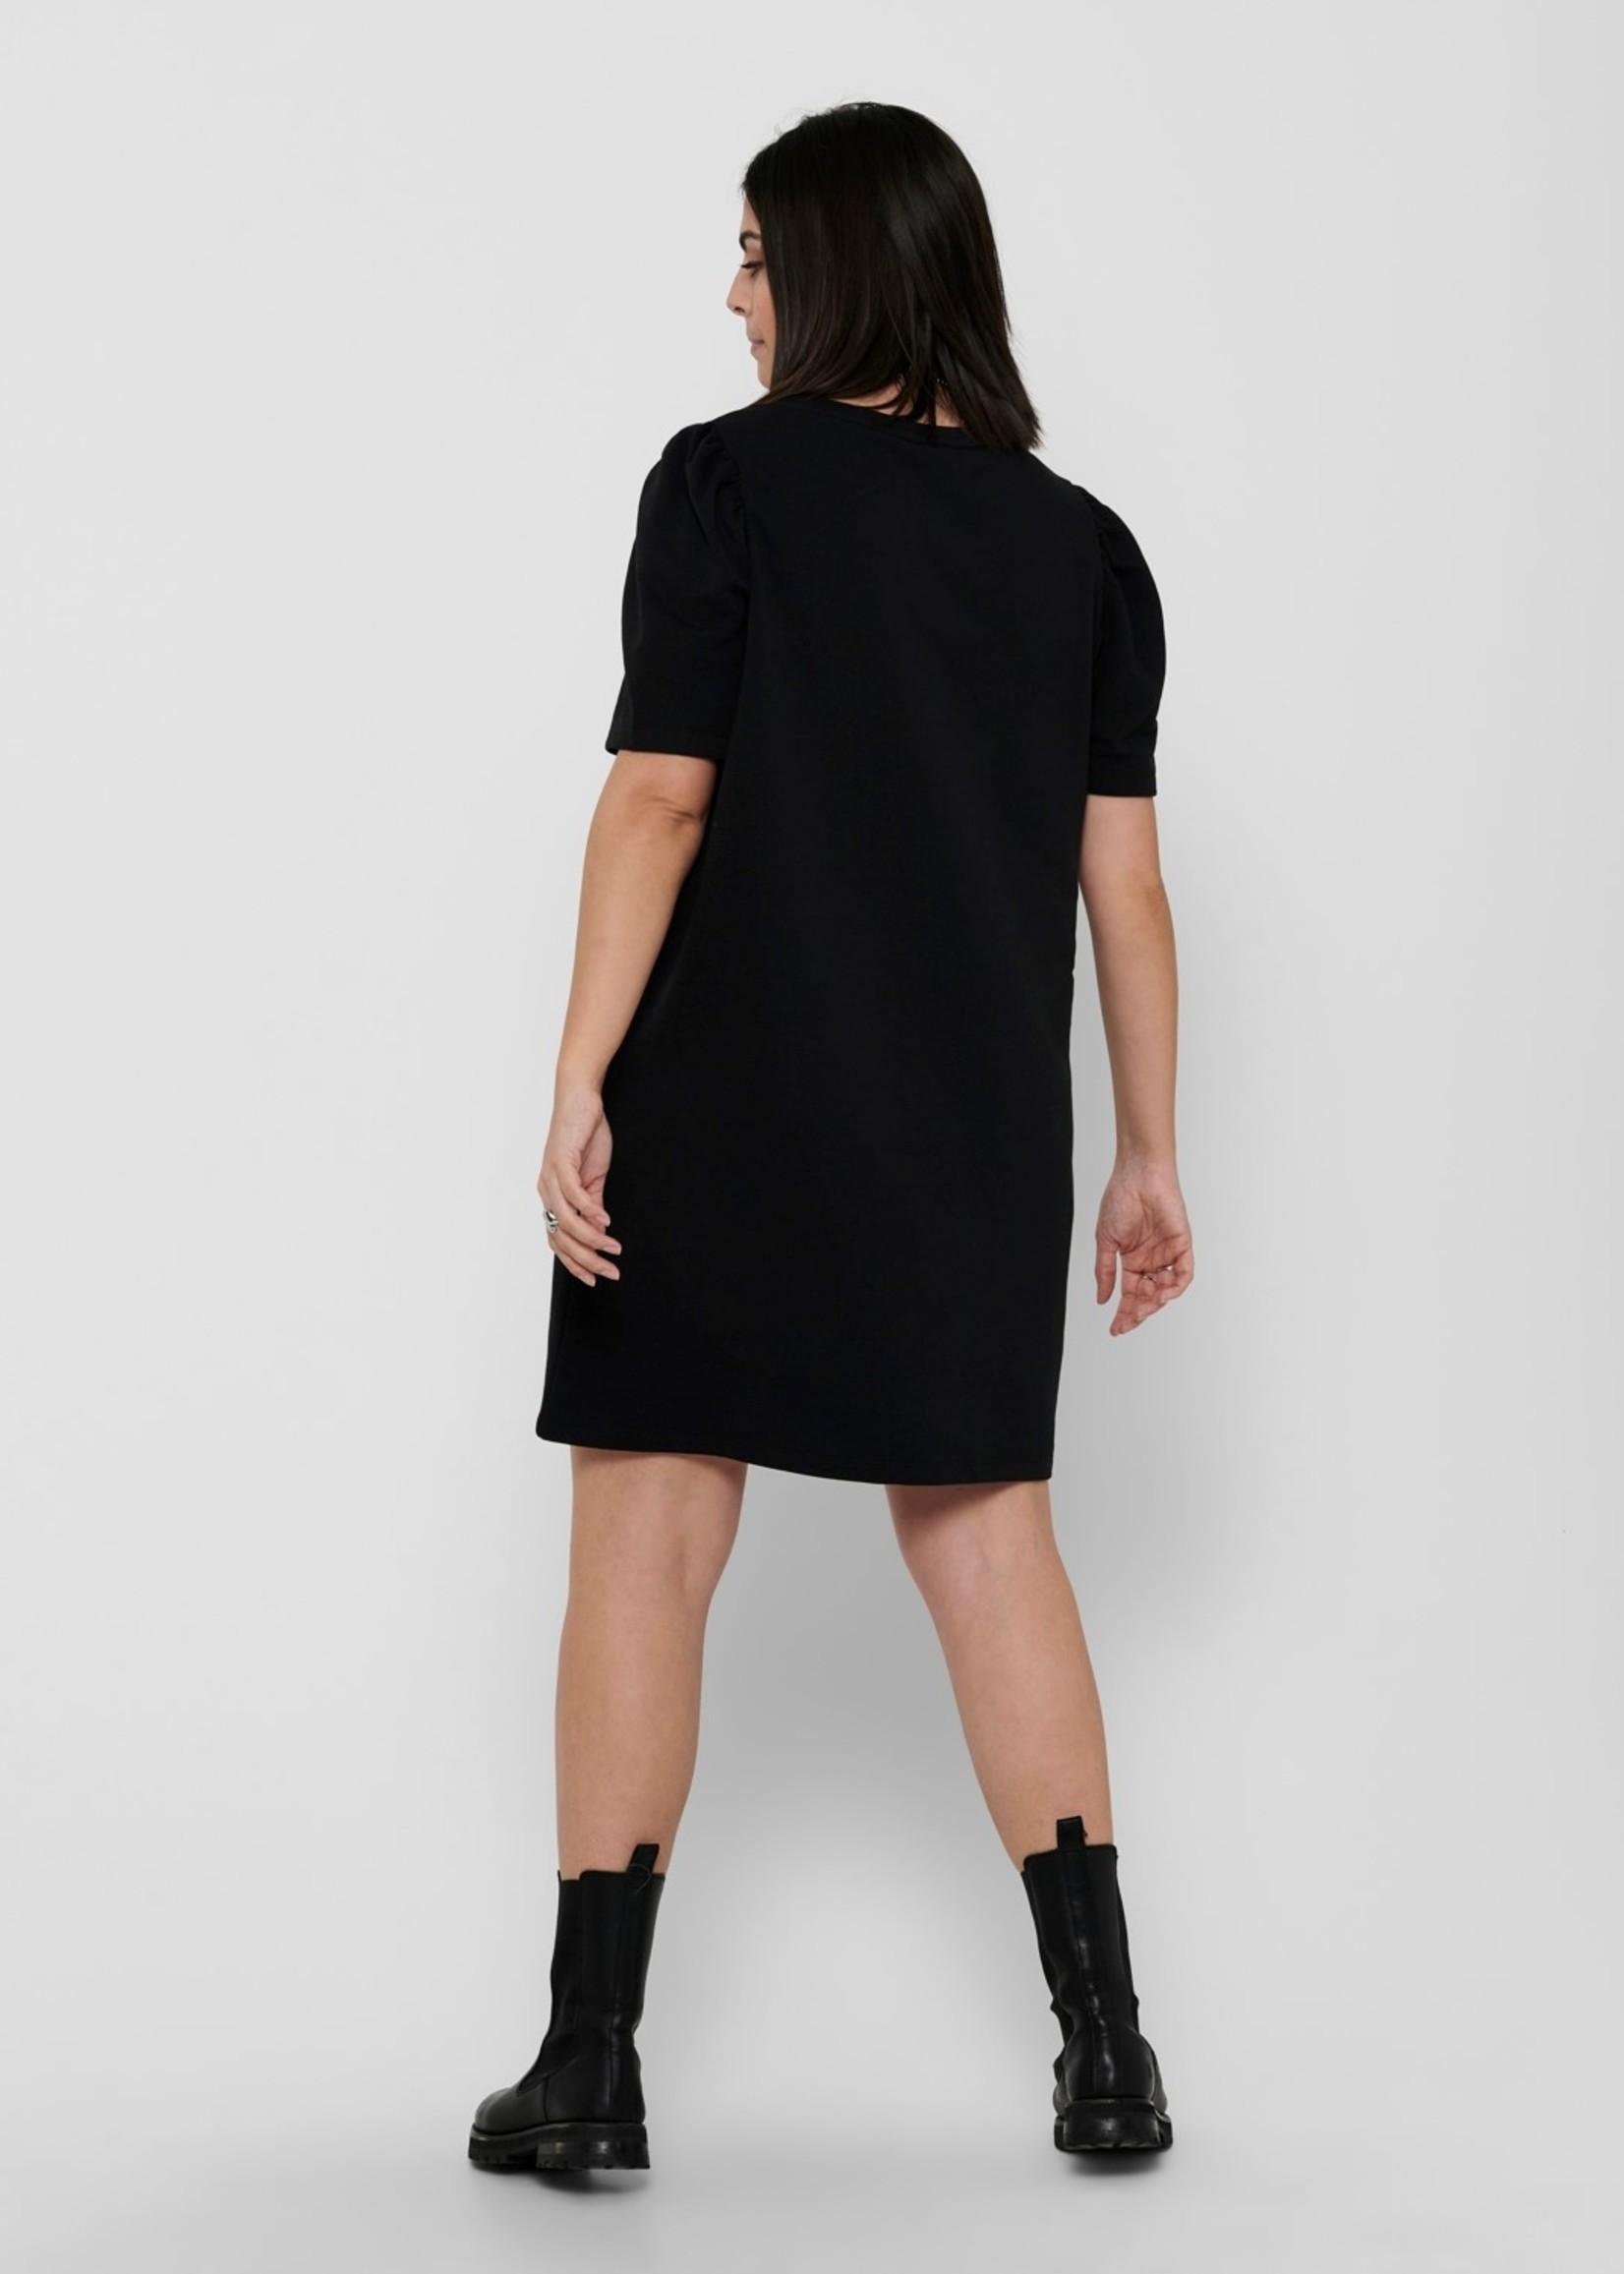 Only Carmakoma Only Carmakoma Dina Dress